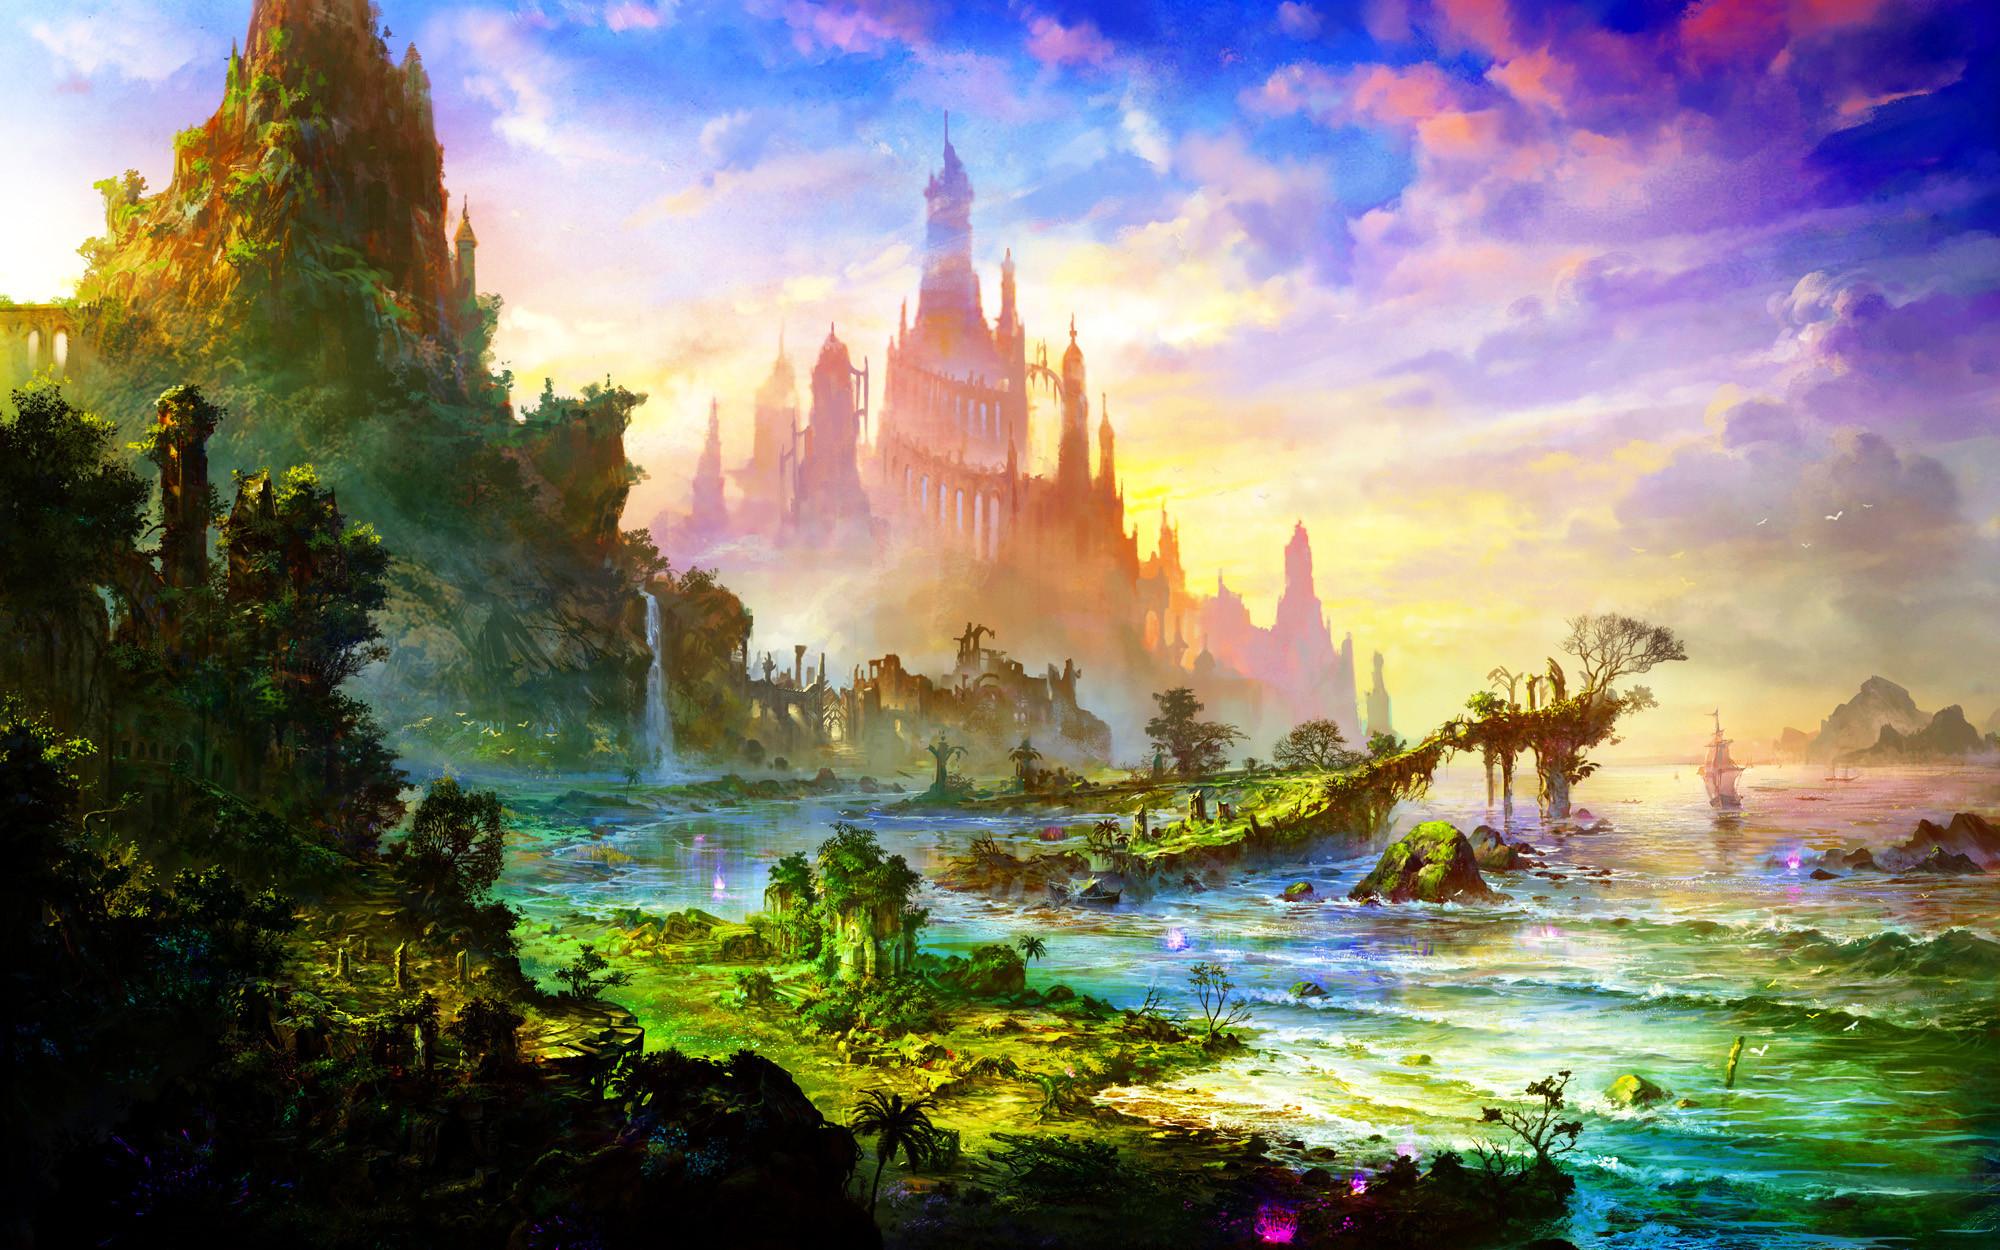 Artistic Landscape 2000x1250